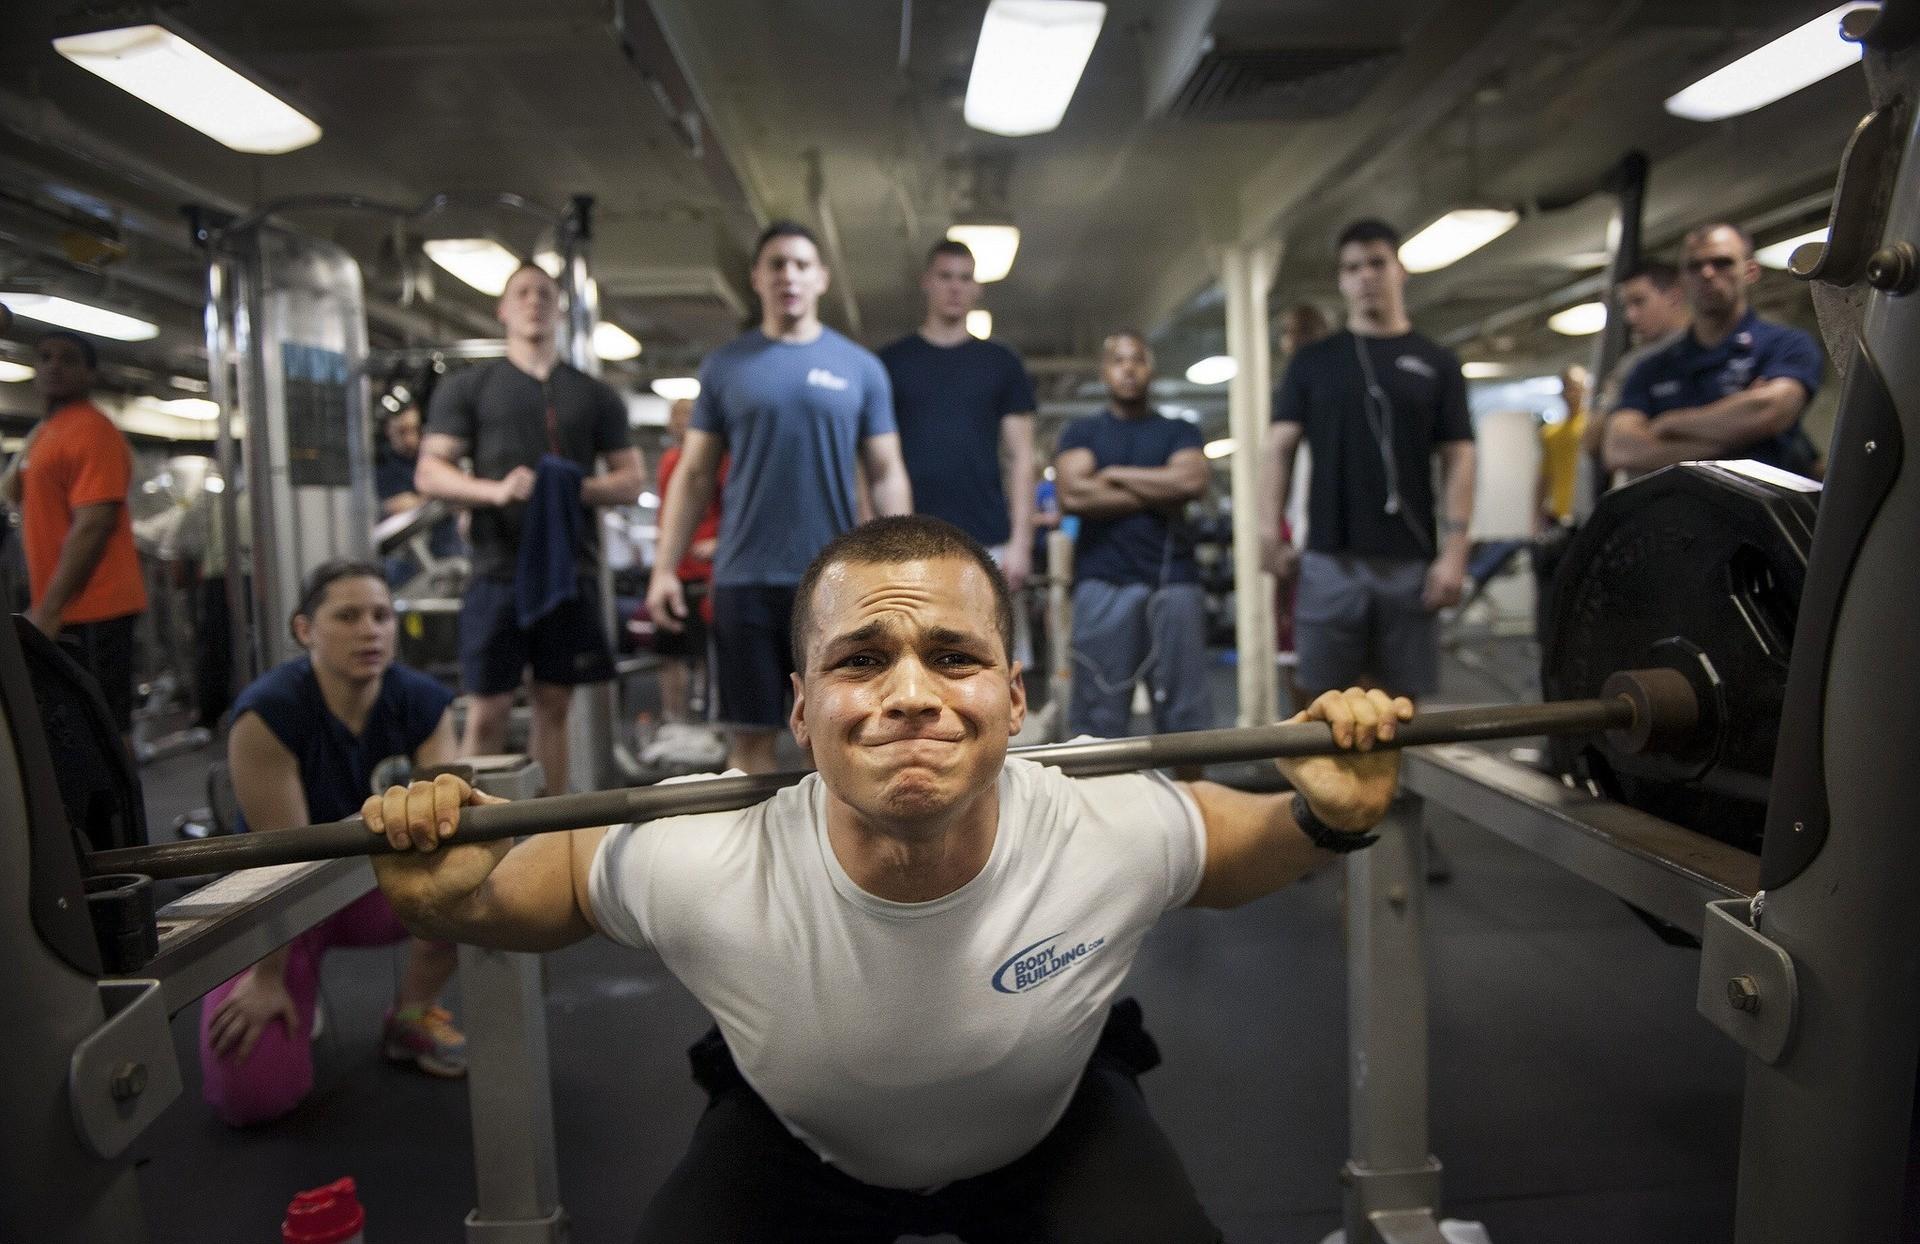 ▲男生,男人,肌肉,健身,健美,舉重。(圖/取自免費圖庫Pixabay)